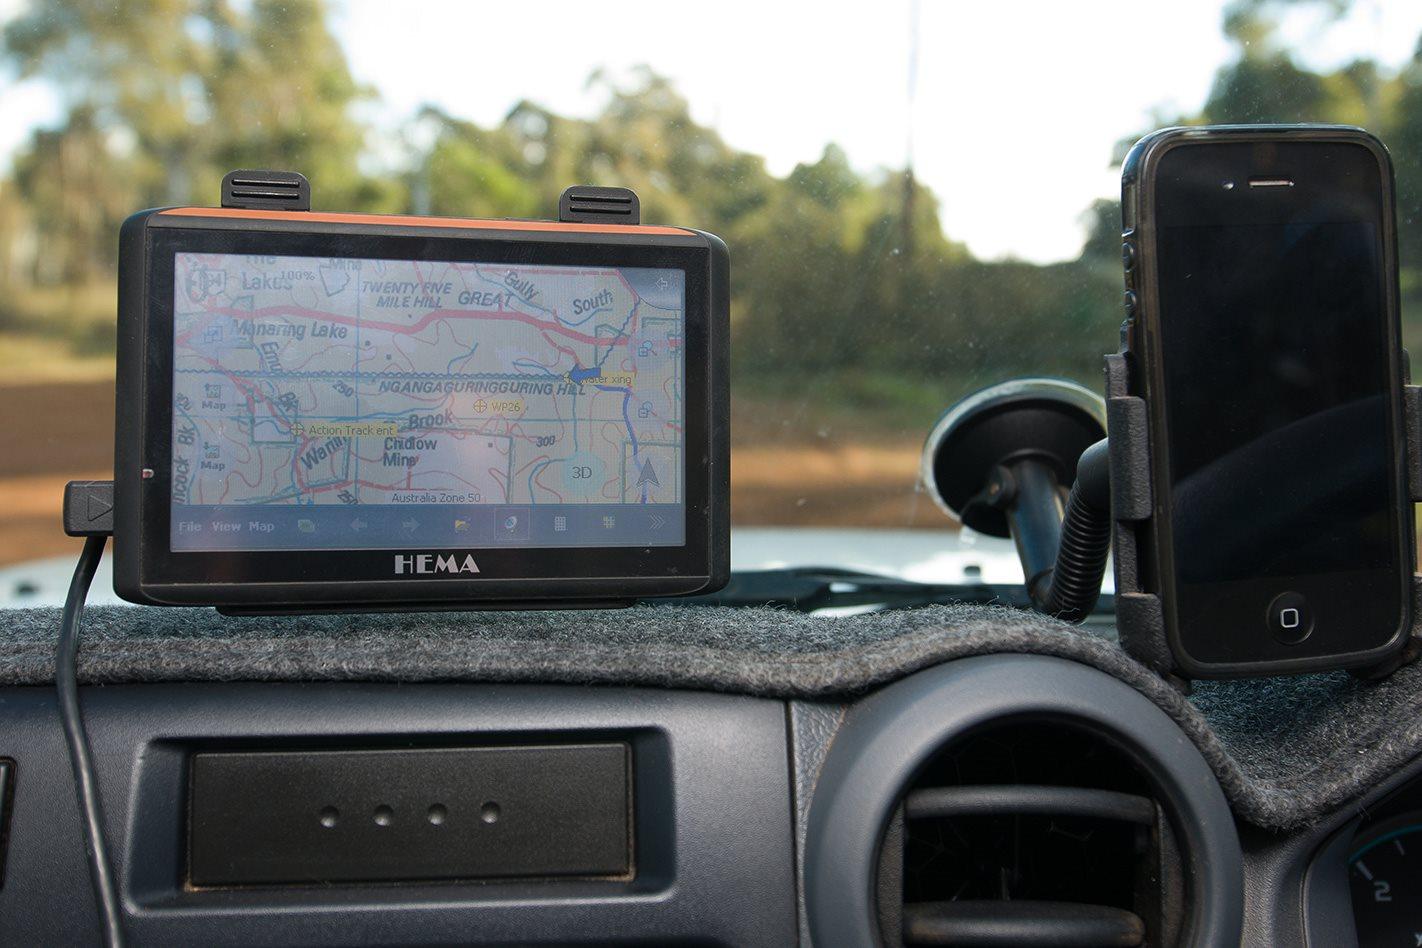 HEMA-Maps-GPS.jpg